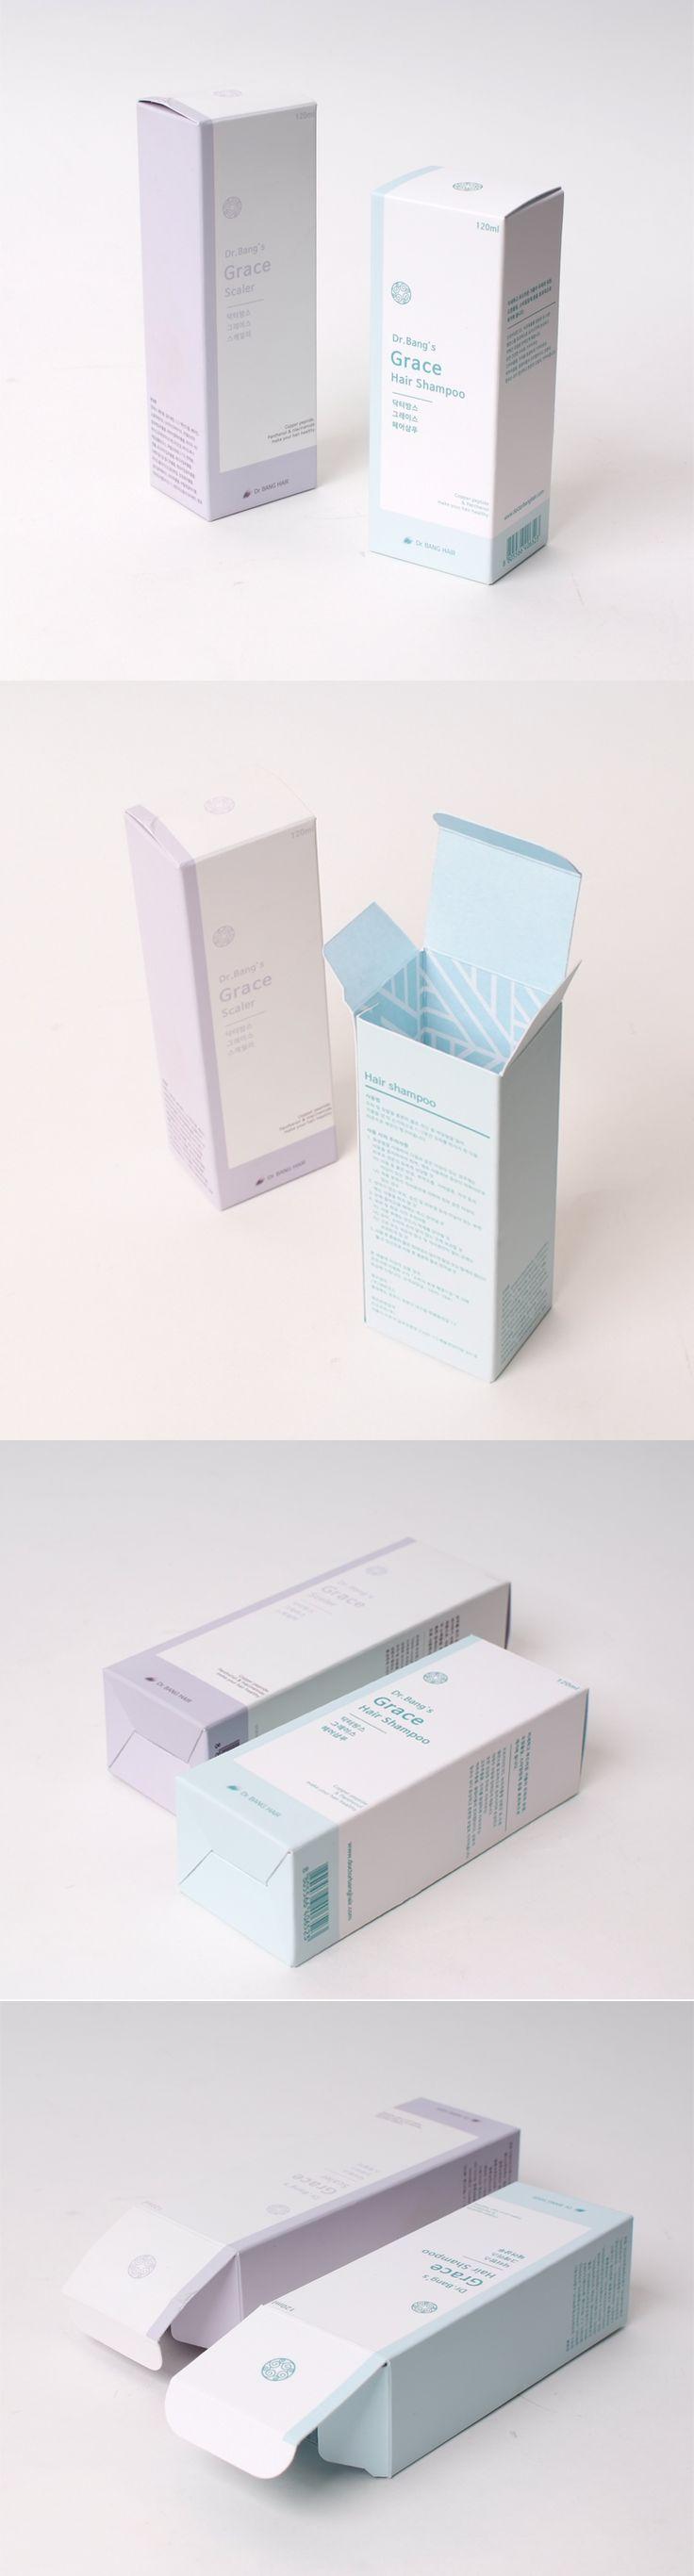 패키지 제작 샘플 #모아패키지 #패키지디자인 #packagedesign #박스디자인